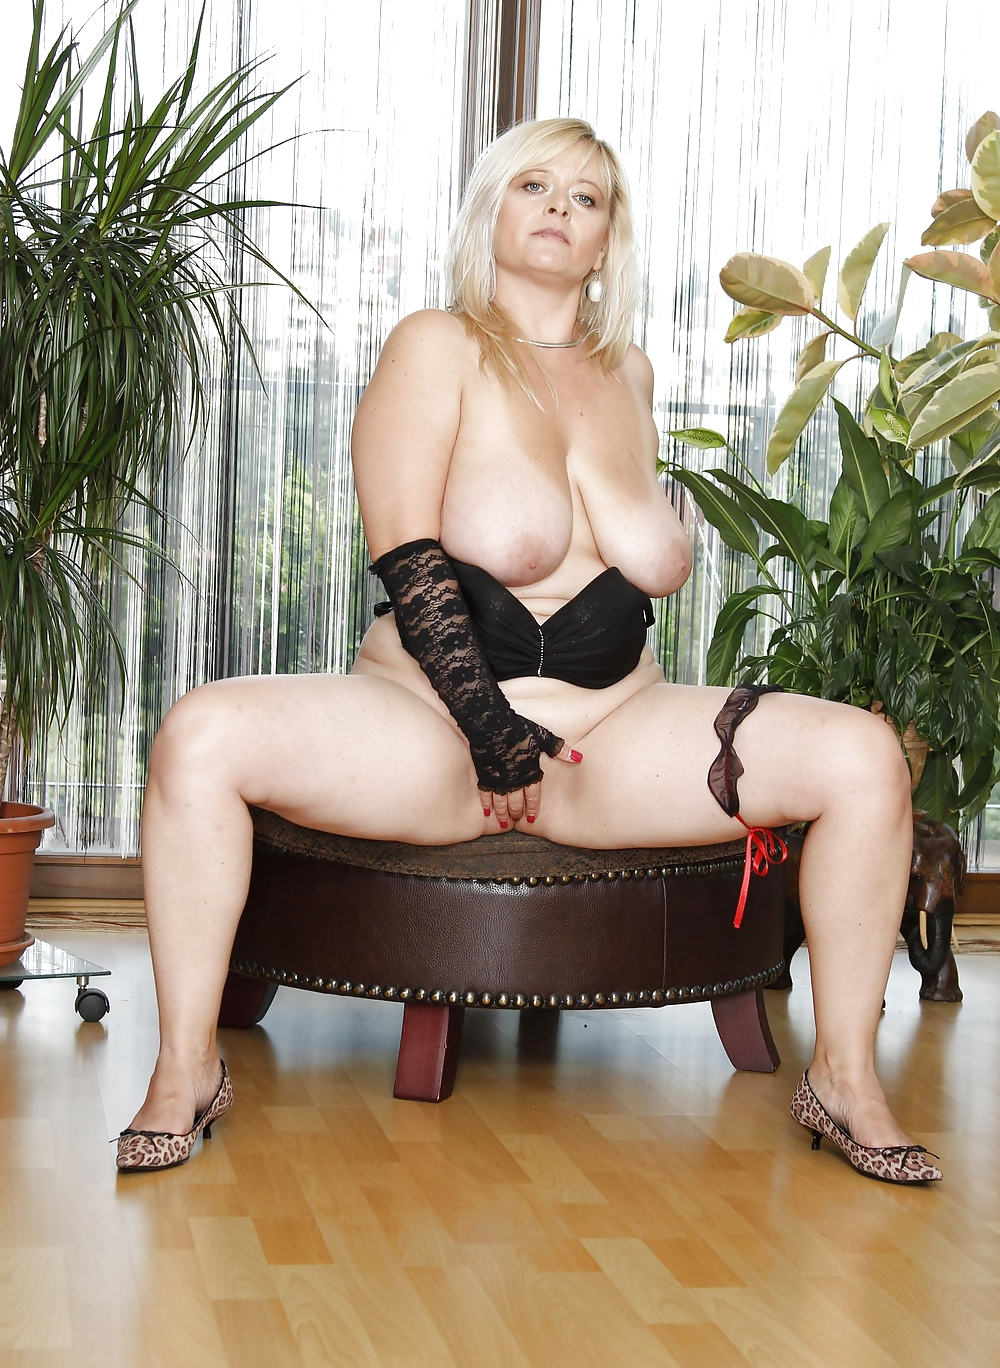 Mature women in underwear porn